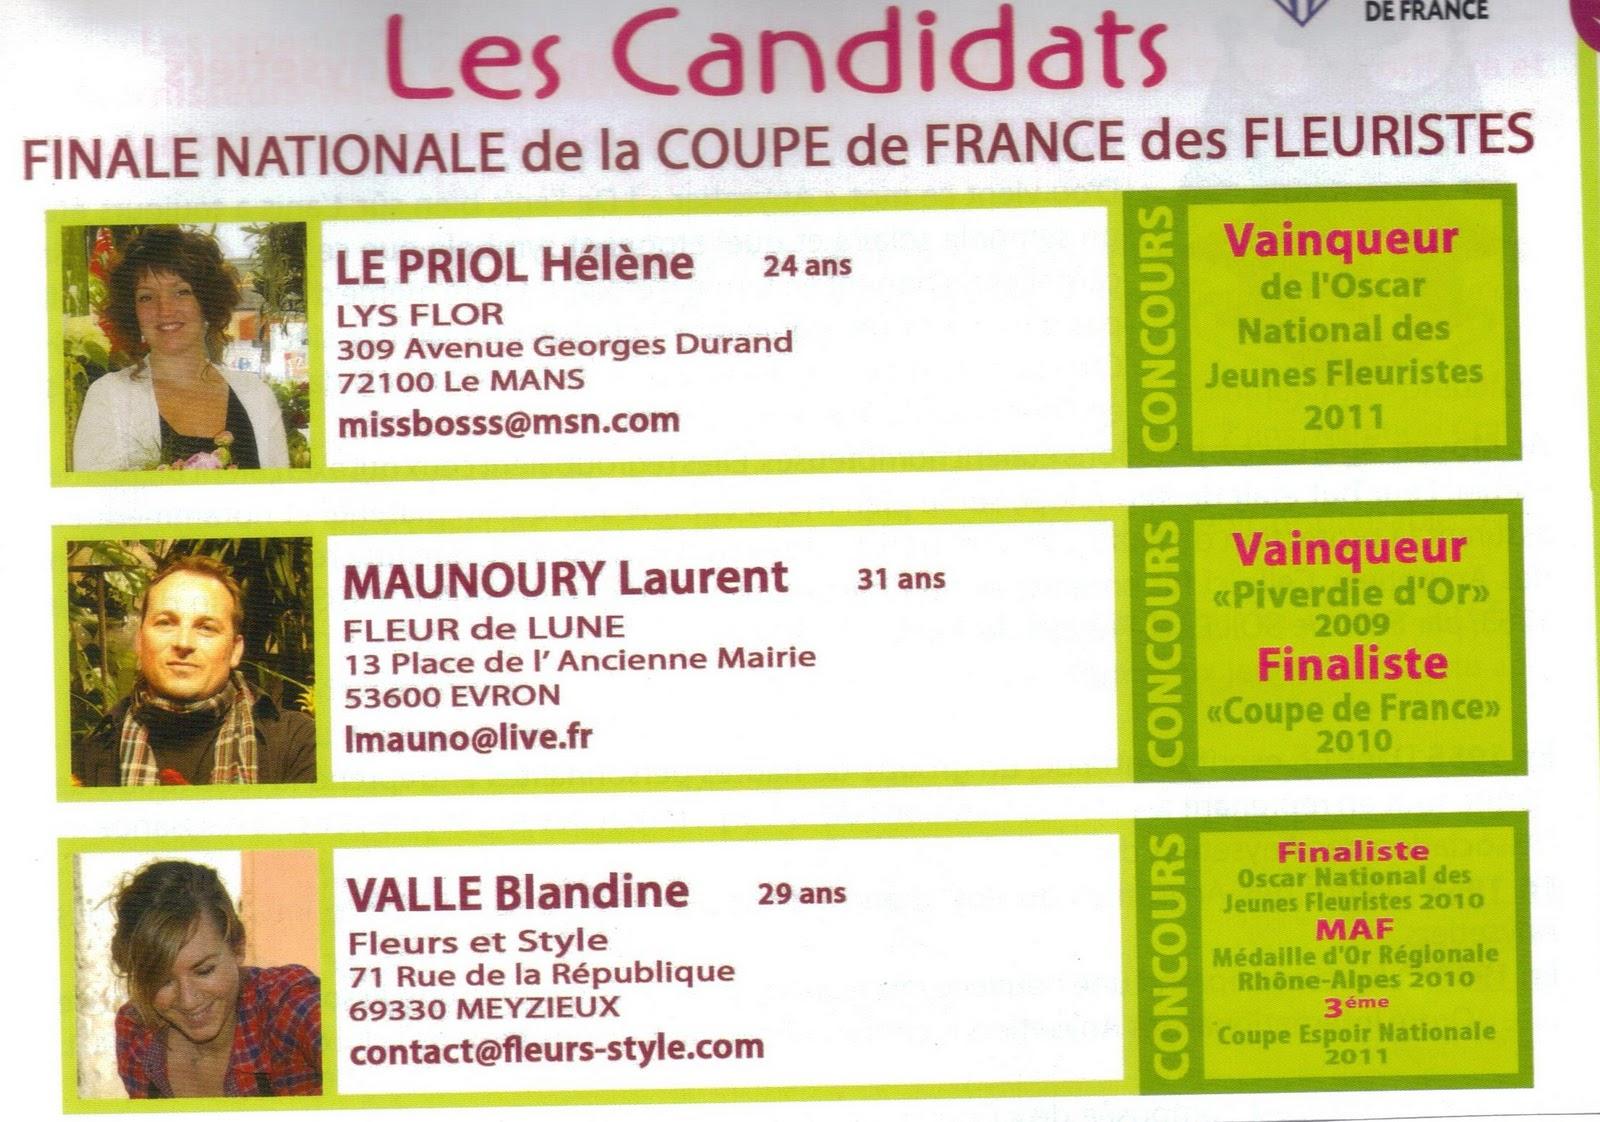 Meyzieux France  city photos : Fleuriste Isabelle Feuvrier: Coupe de France des Fleuristes 2011